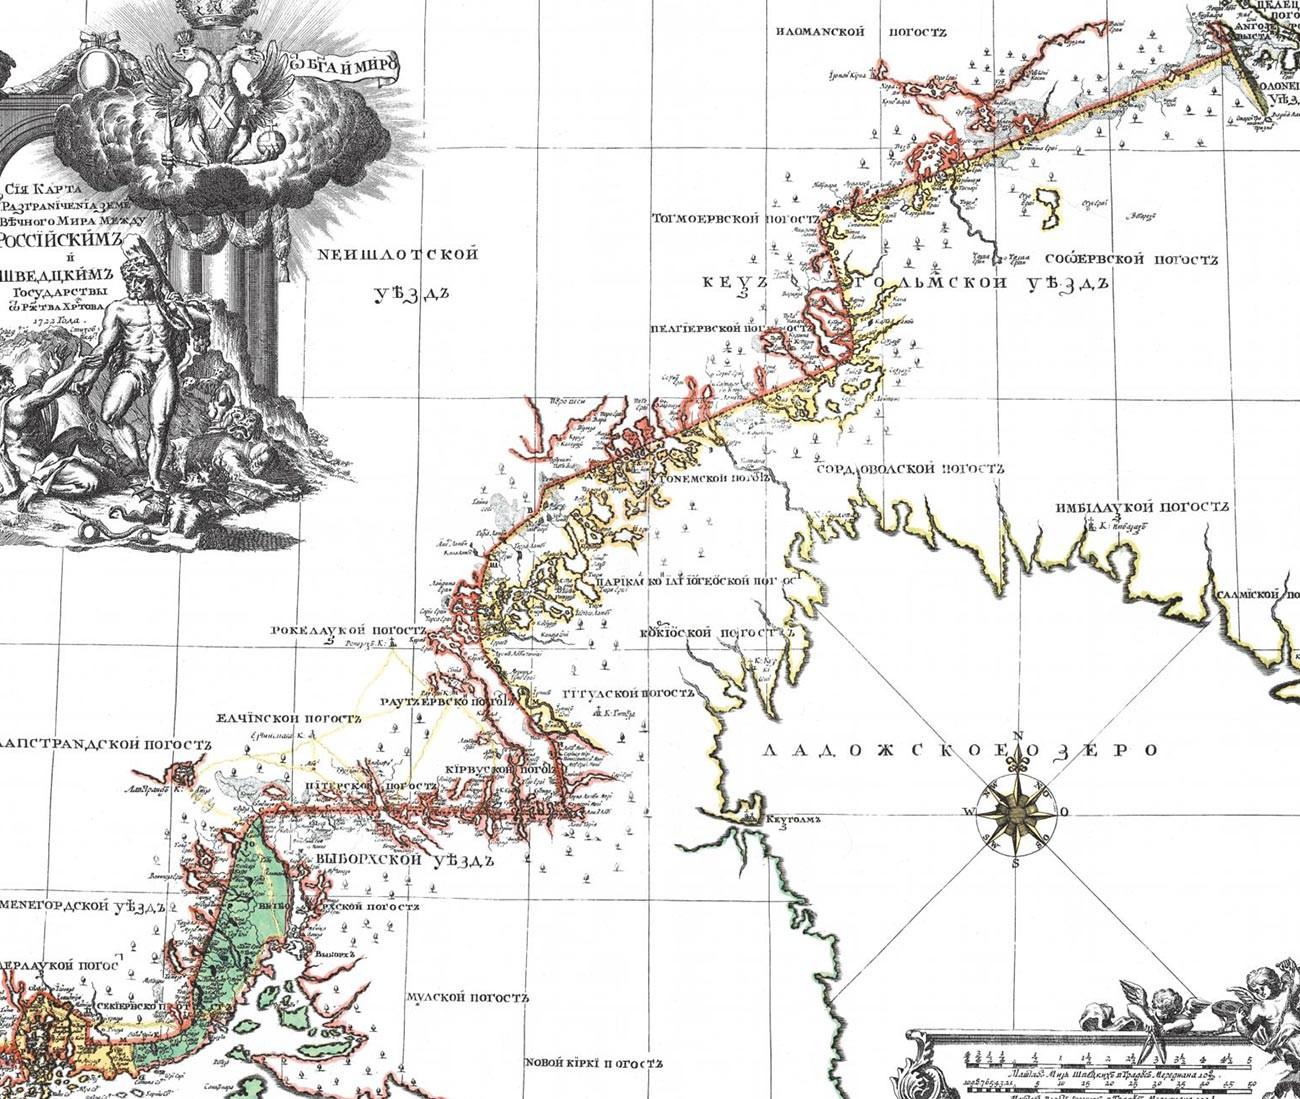 Carte de délimitation des terres entre les États russe et suédois selon le Traité de Nystad, 1722